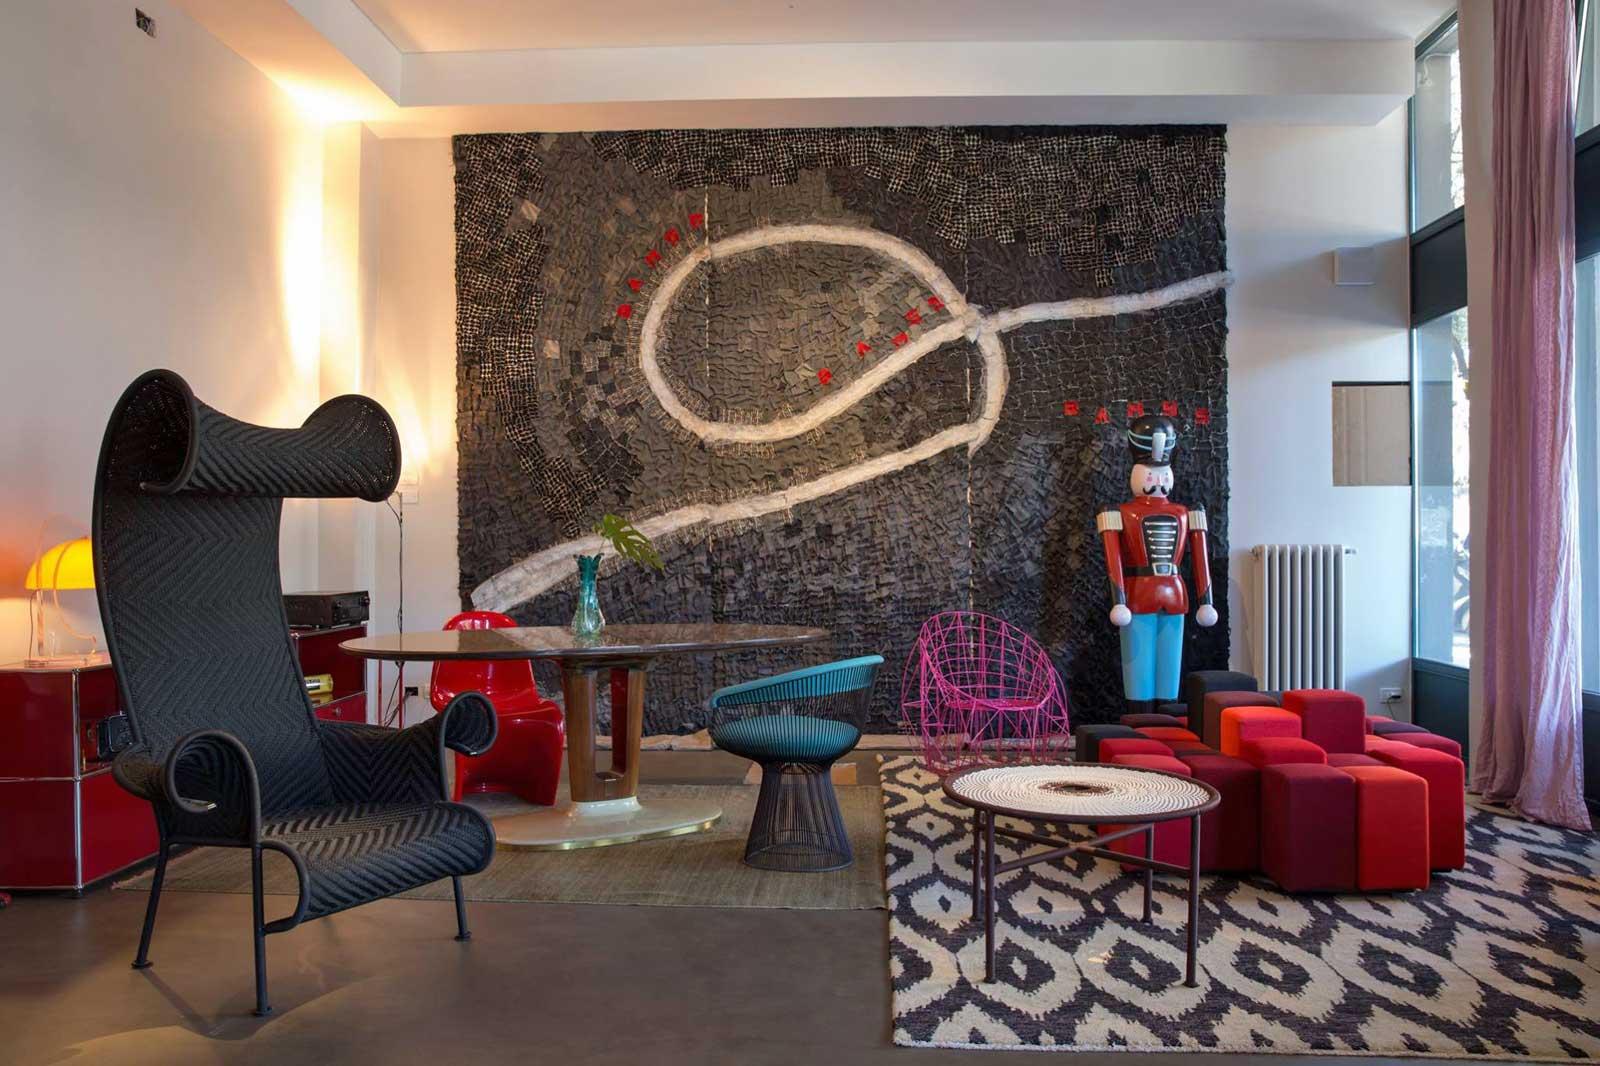 Boutique Hotel Trieste - Verona (Italy)